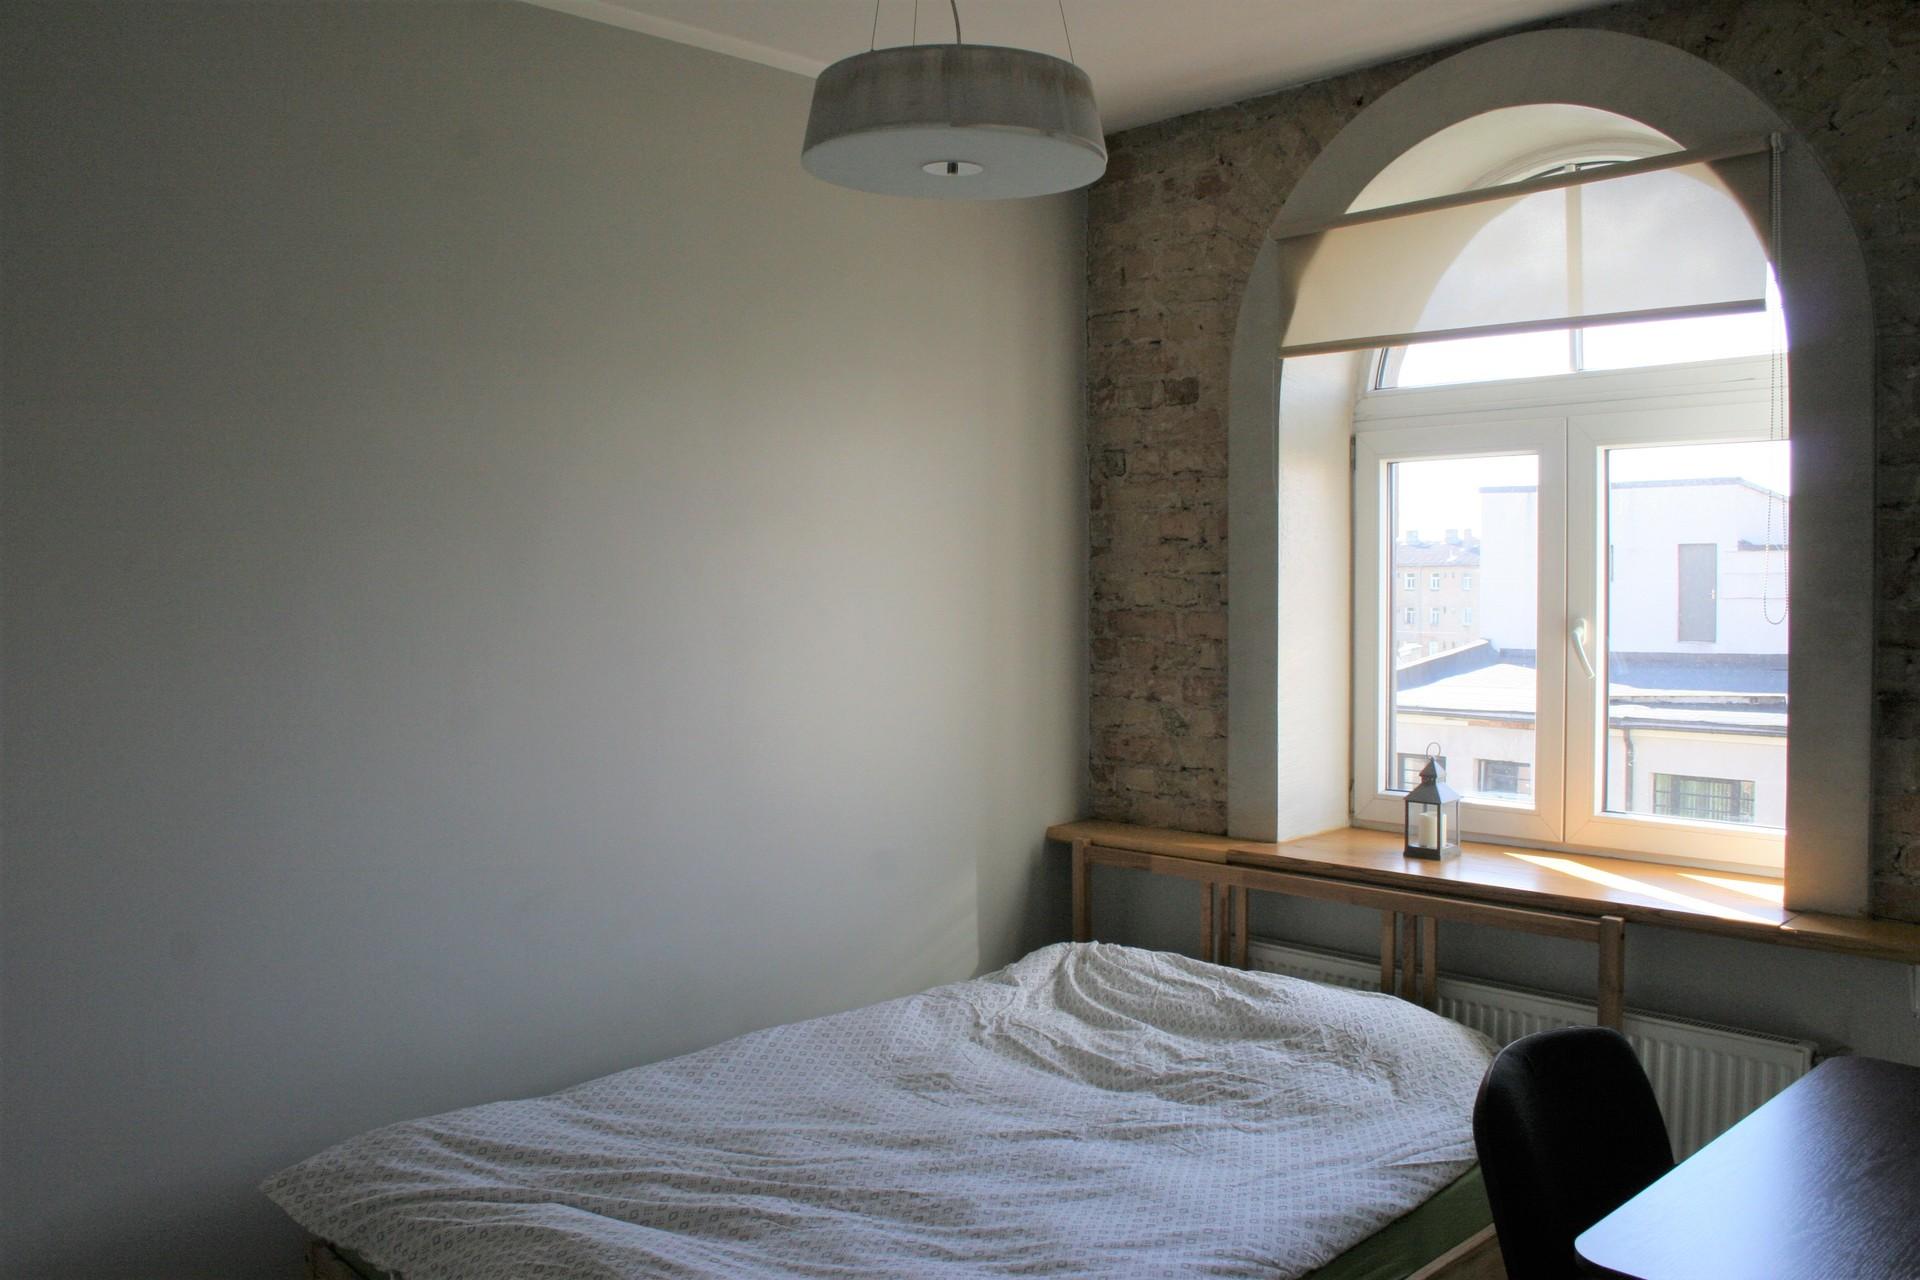 furnished-fully-equipped-apartment-near-center-riga-80ebacbb8776dfa59246e5770461ae9f